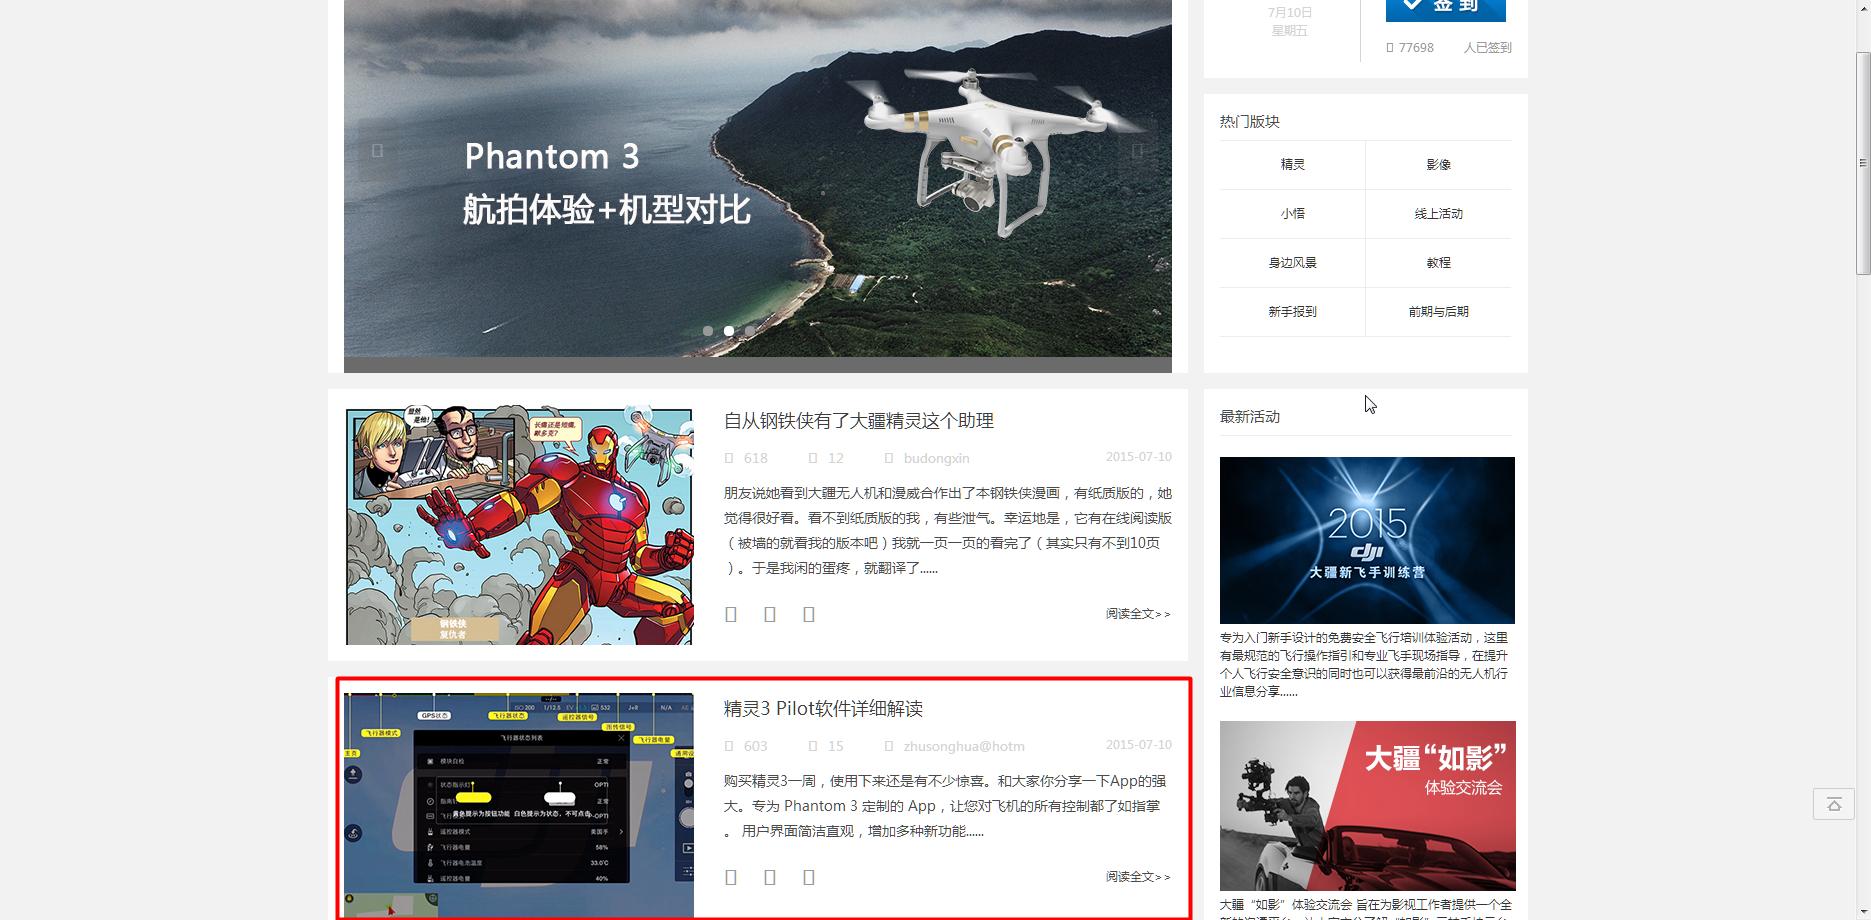 20150710 精灵3 Pilot软件详细解读.png